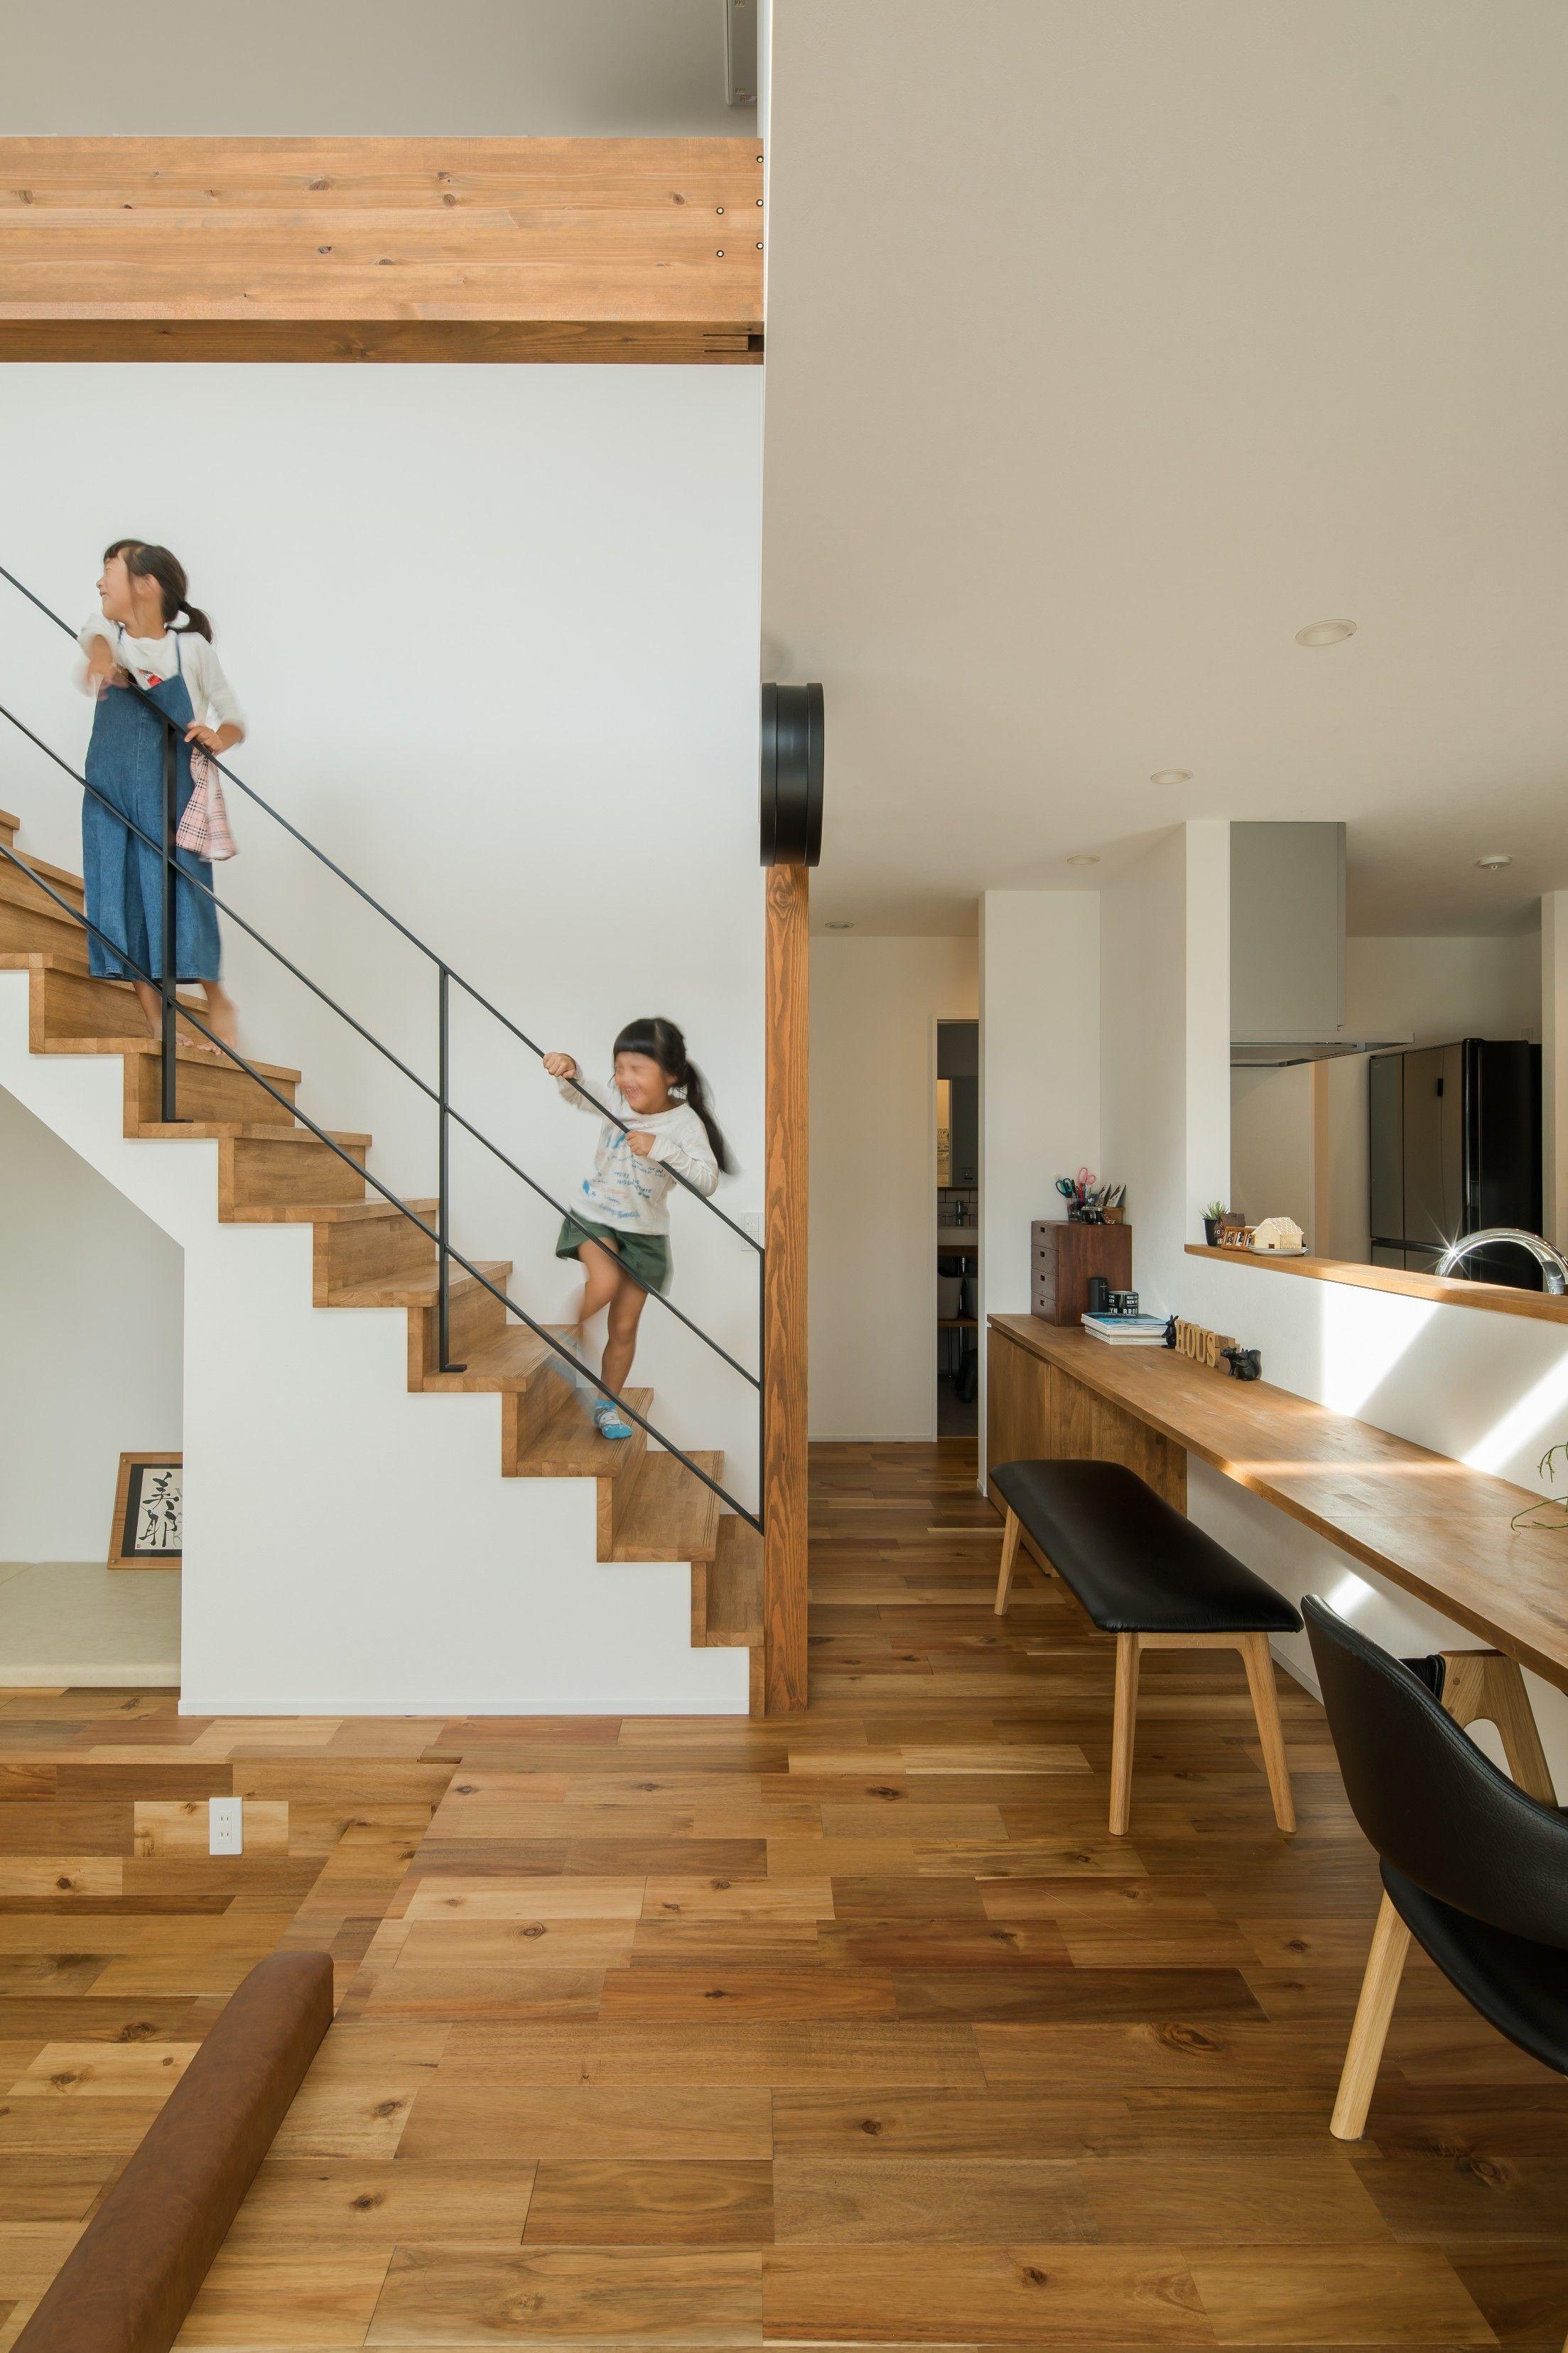 木の風合いとアイアン手すりが程よく調和したリビング階段